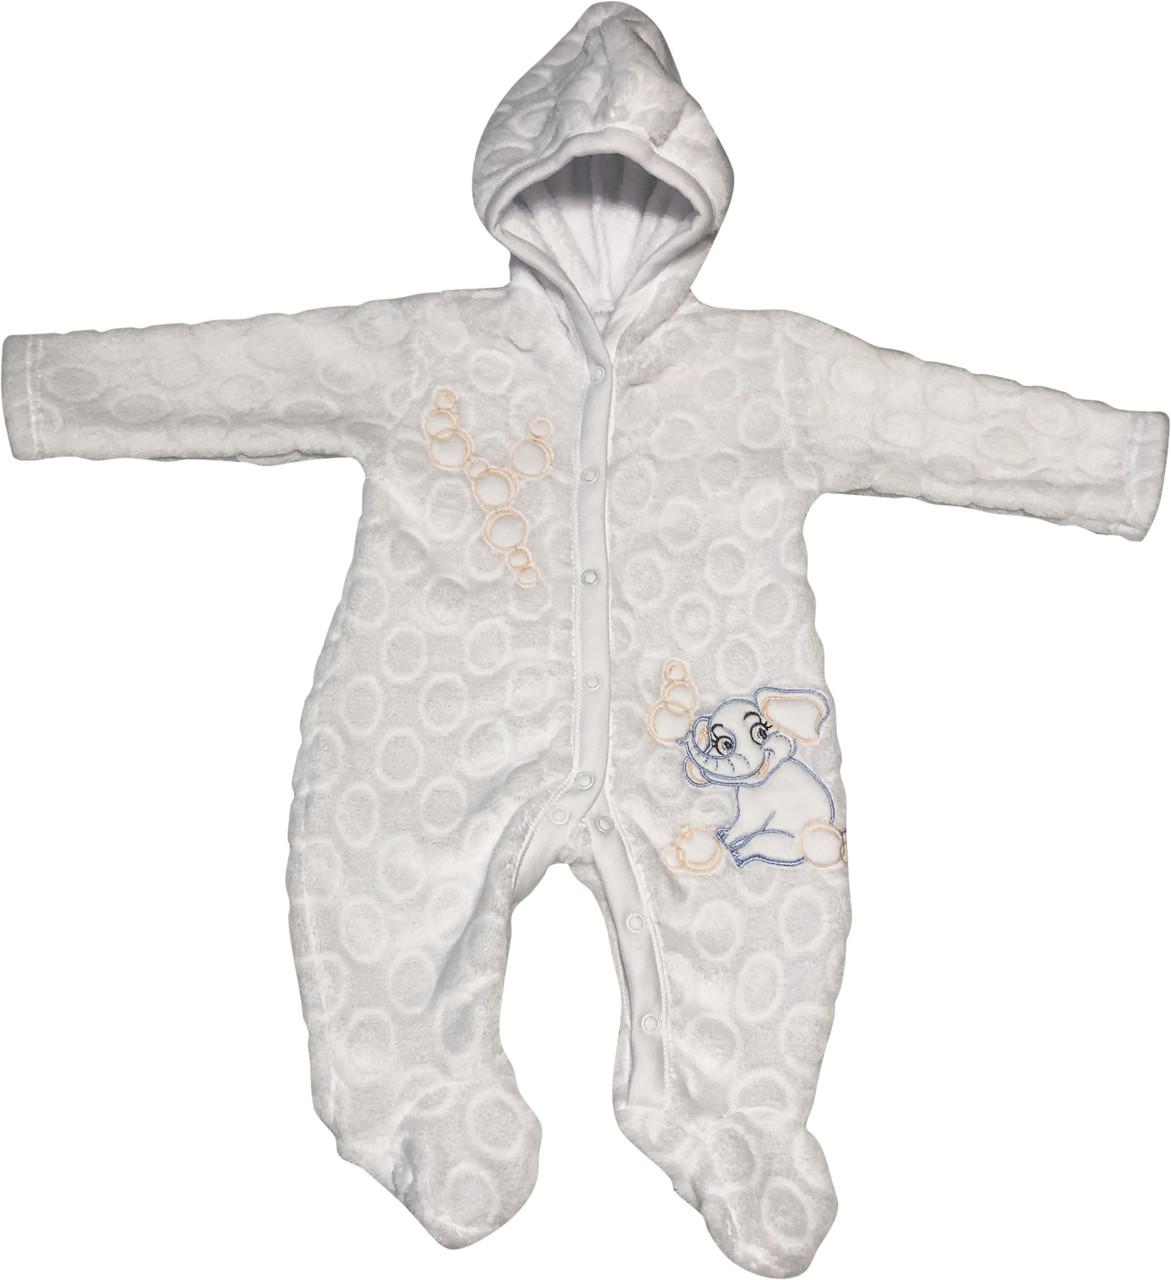 Теплий чоловічок для новонароджених дітей ріст 56 0-2 міс на хлопчика дівчинку сліп з капюшоном махровий білий